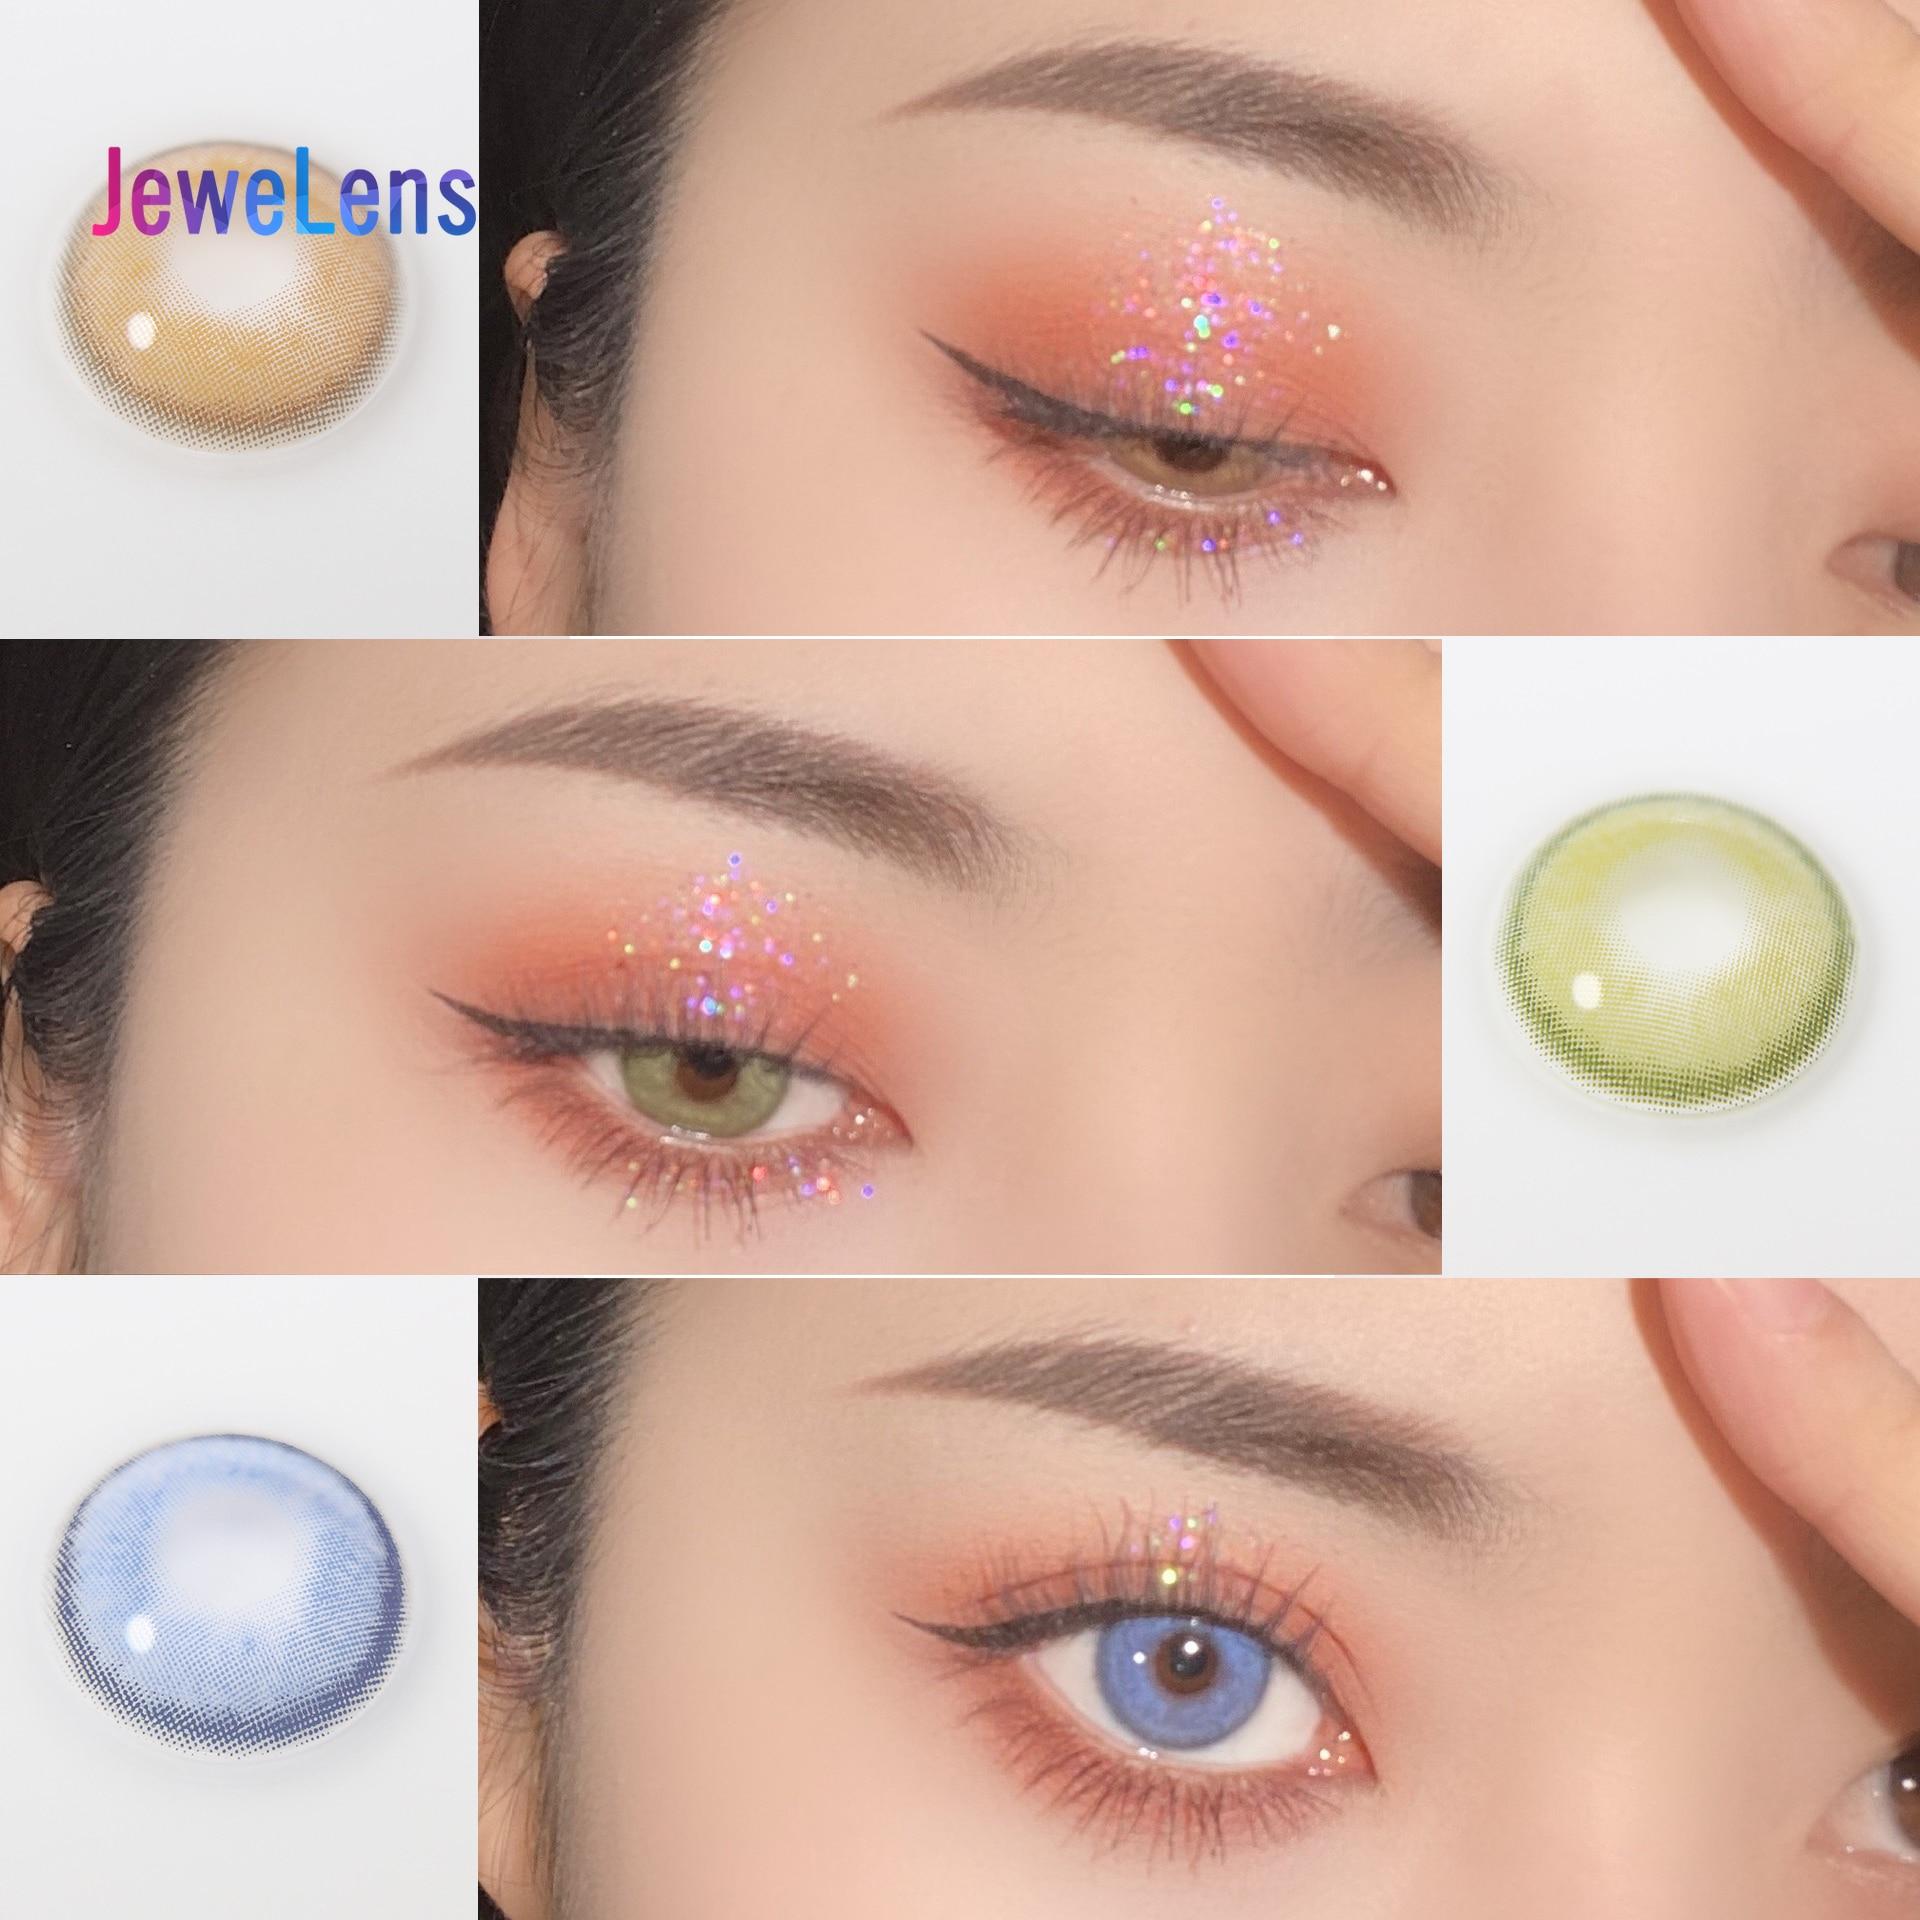 Цветные контактные линзы Jewelens ed, цветные линзы для глаз, косметические линзы Eyecontact, Коричневые Мягкие контакты серии Sorayama